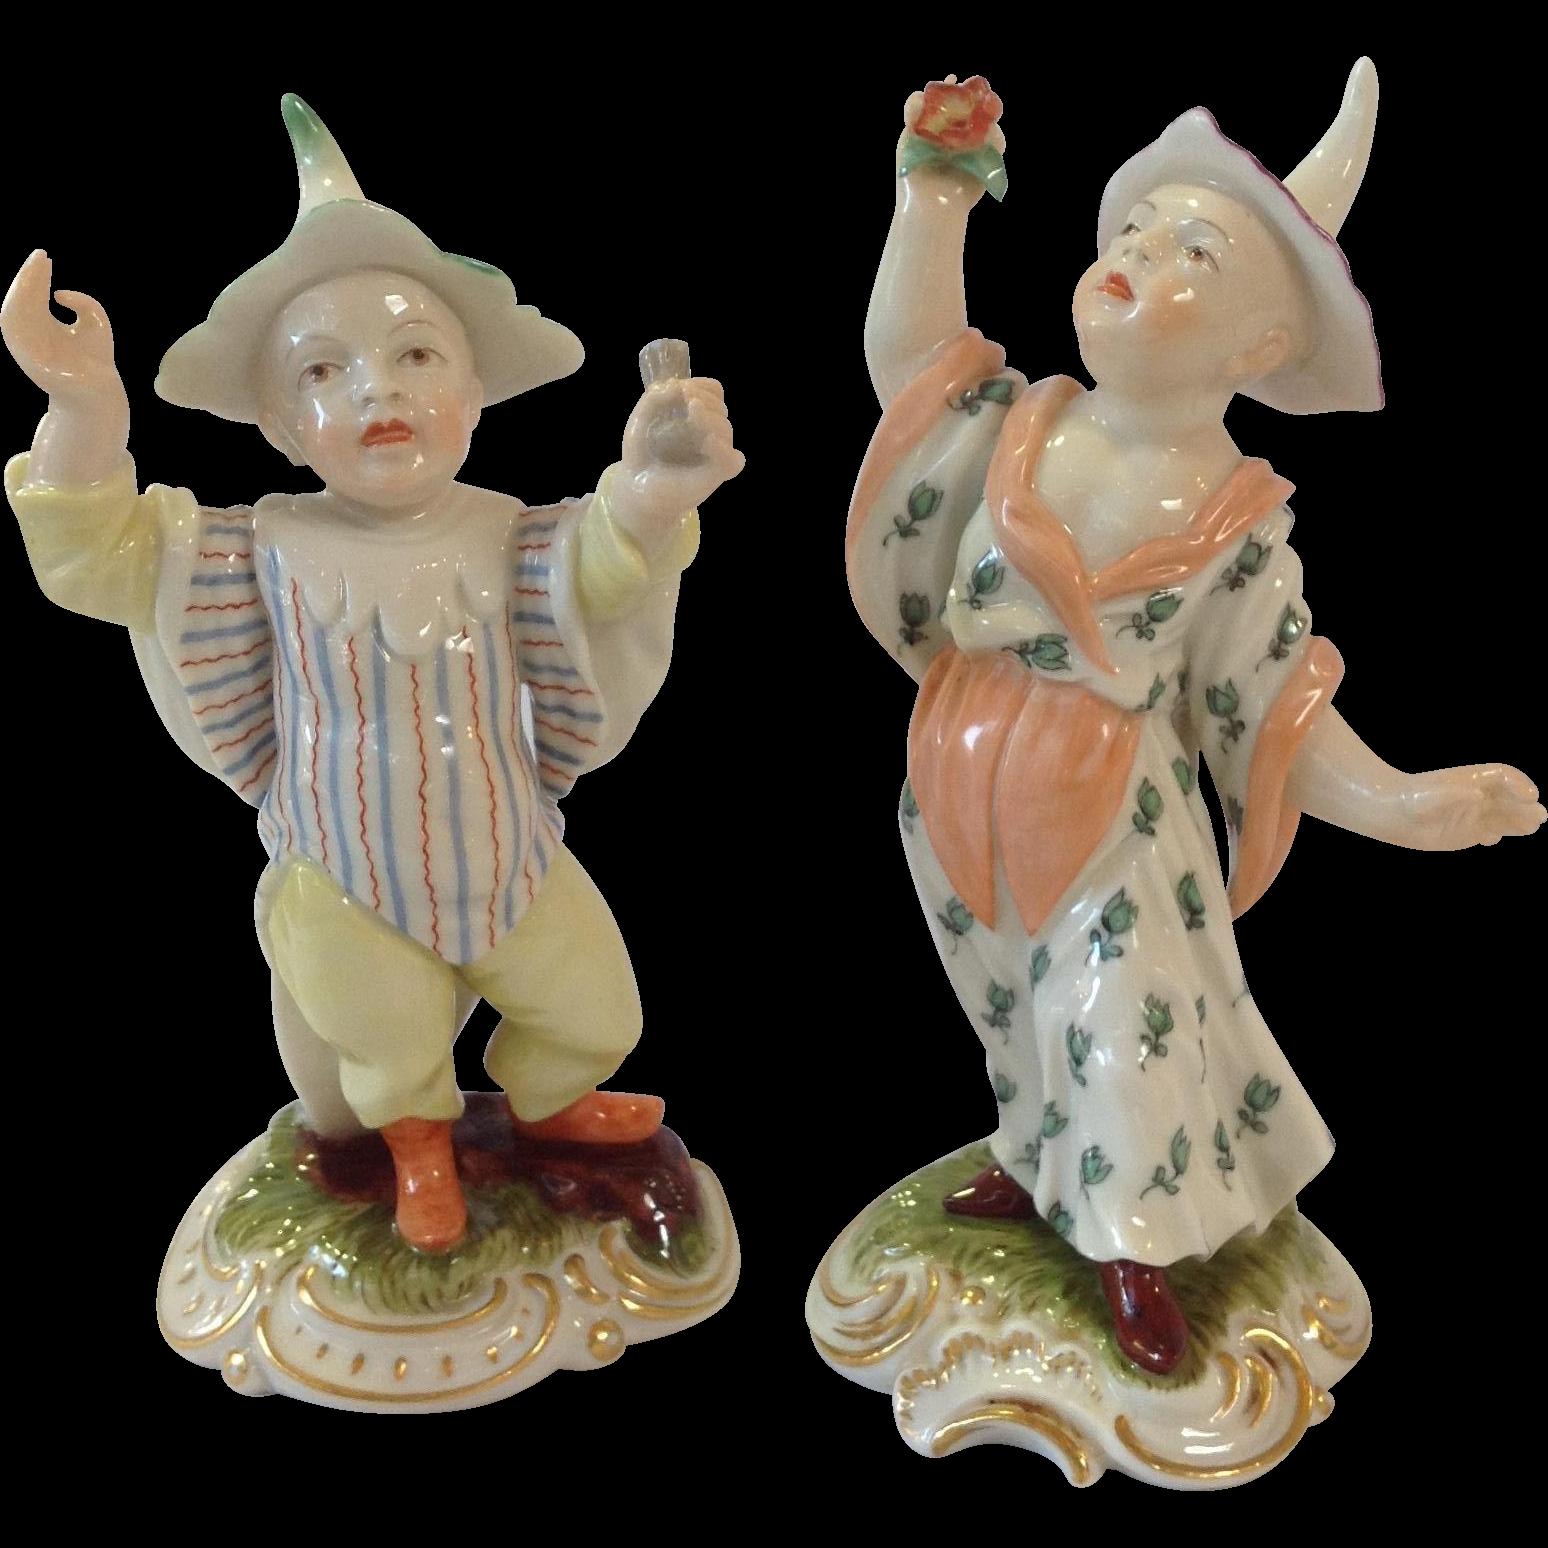 Nymphenburg porcelain marks dating website 6